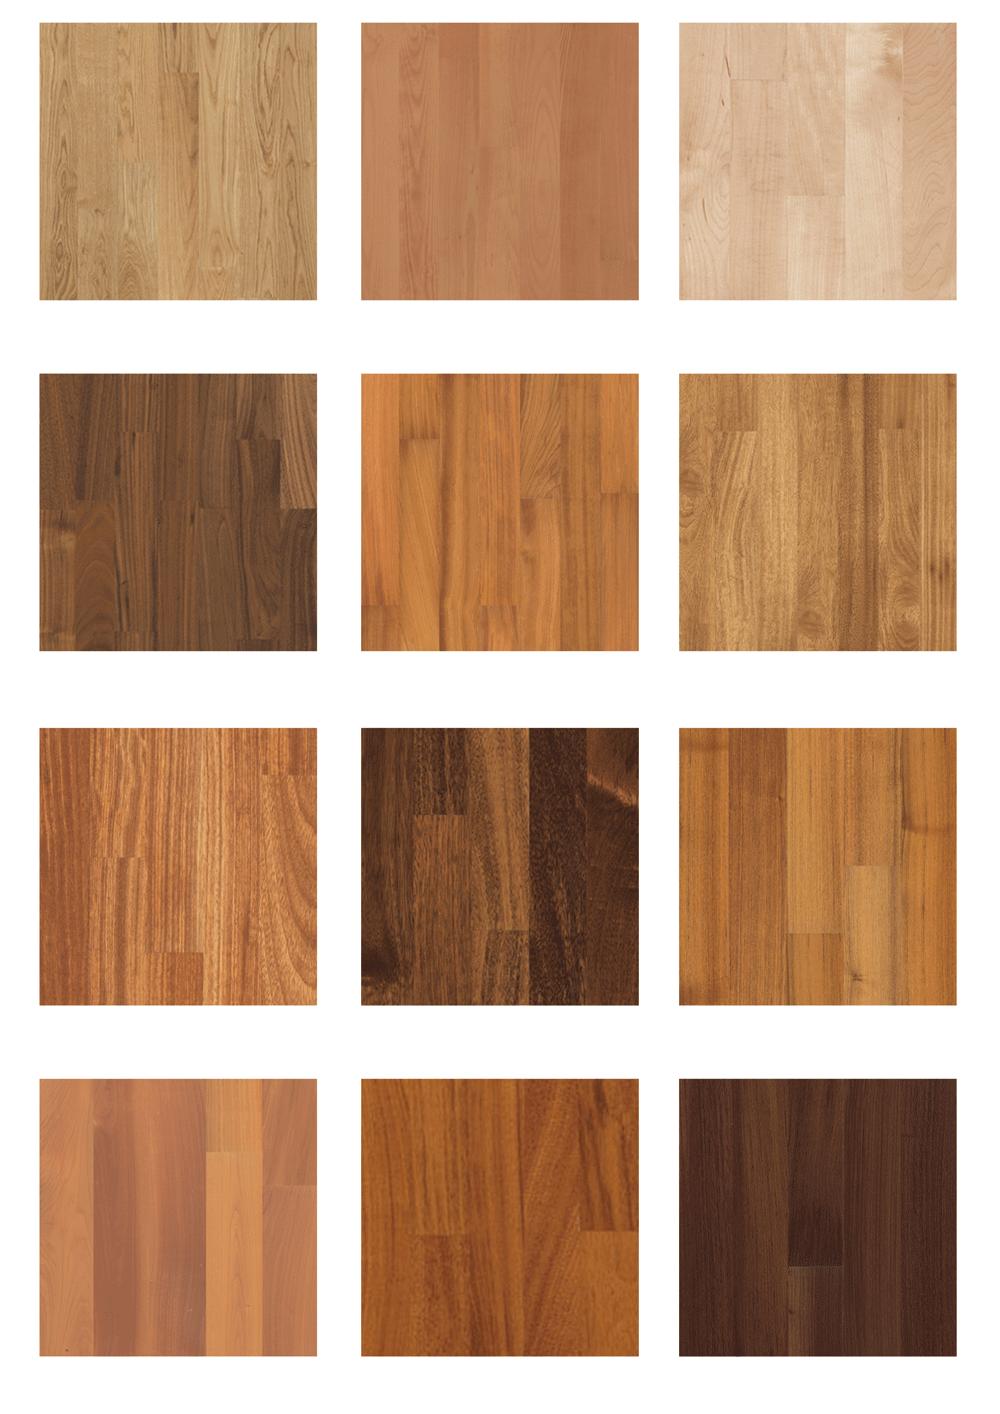 Sfondo3 soriano pavimenti in legno - Tipi di legno per mobili ...